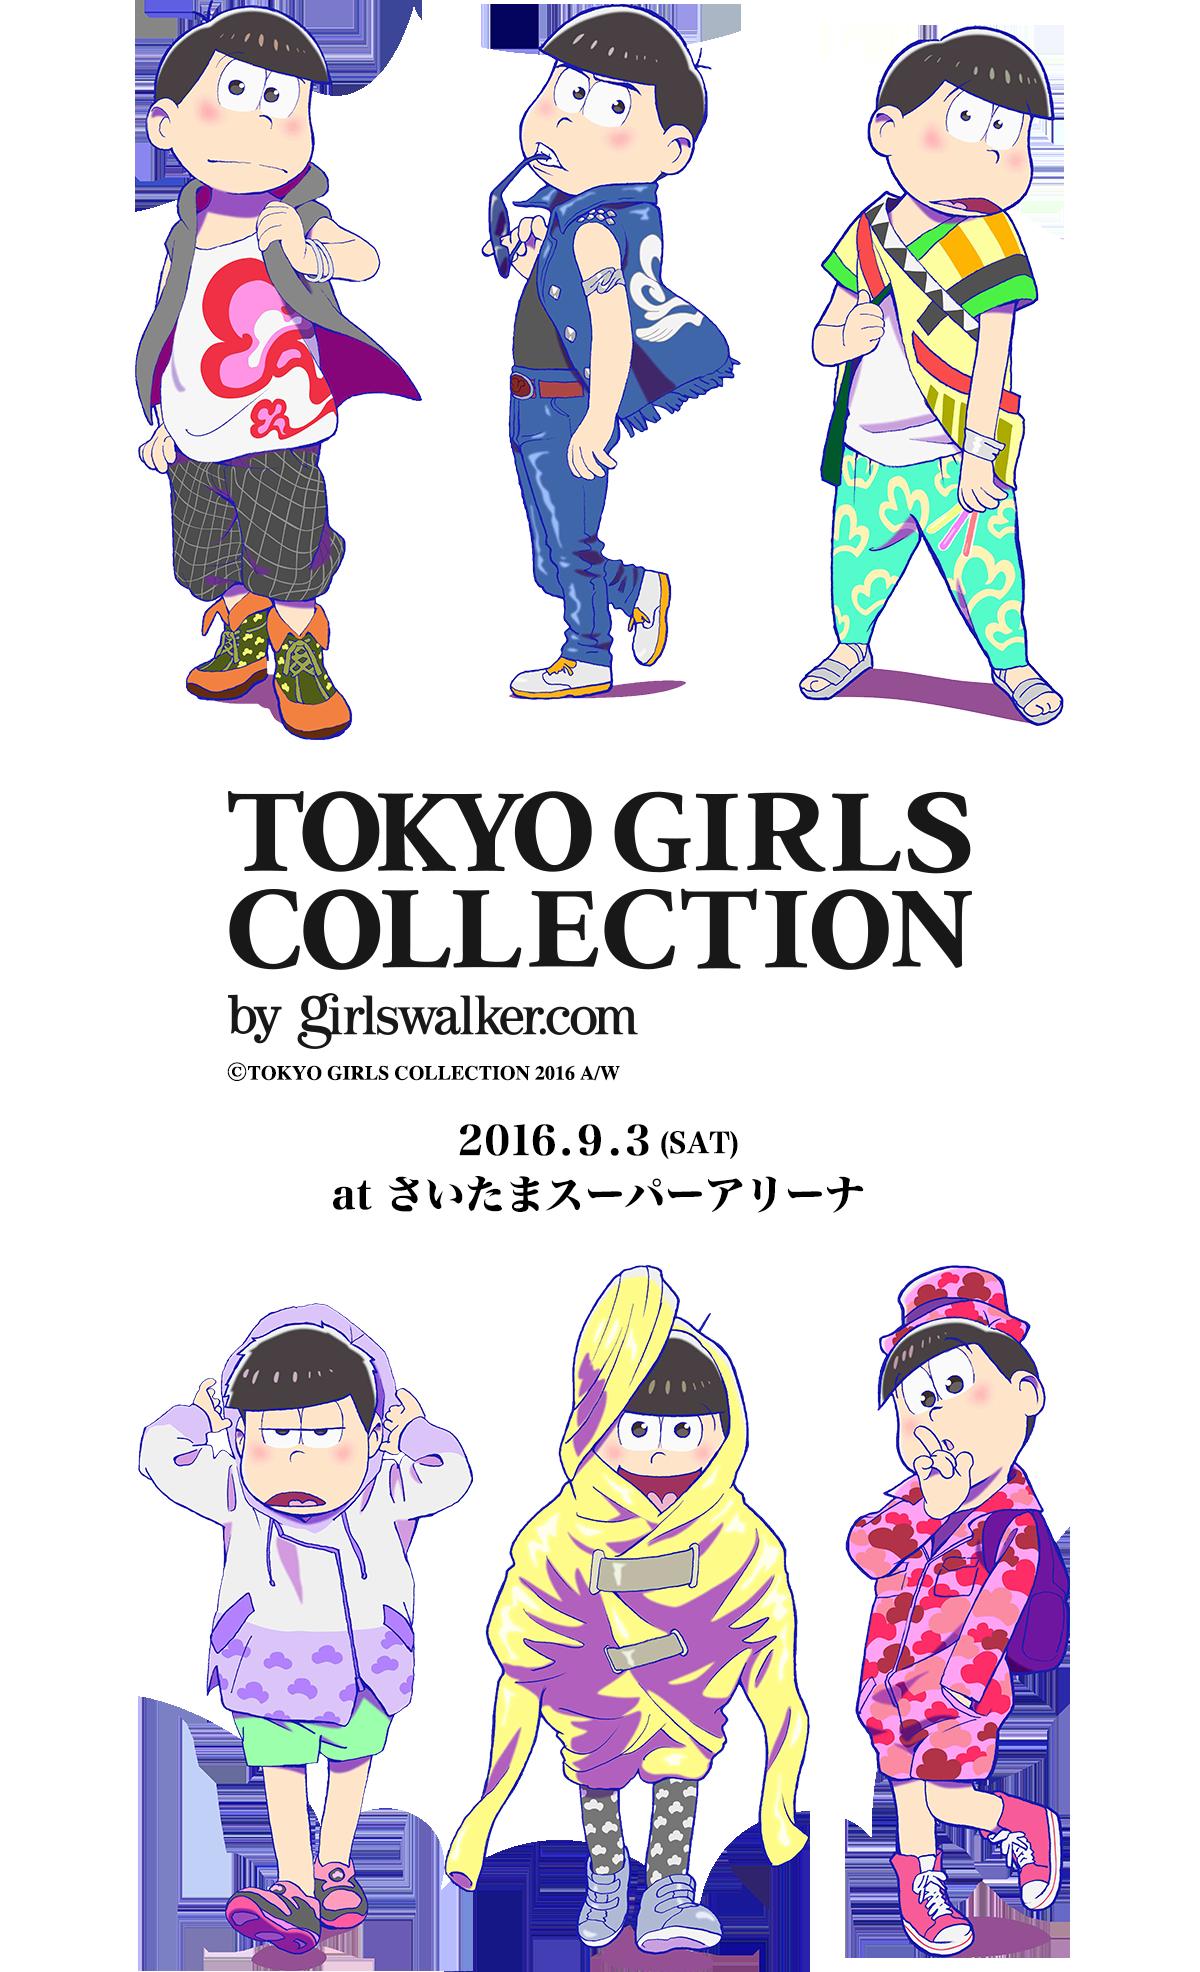 9 3 土 開催 東京ガールズコレクション おそ松さん の